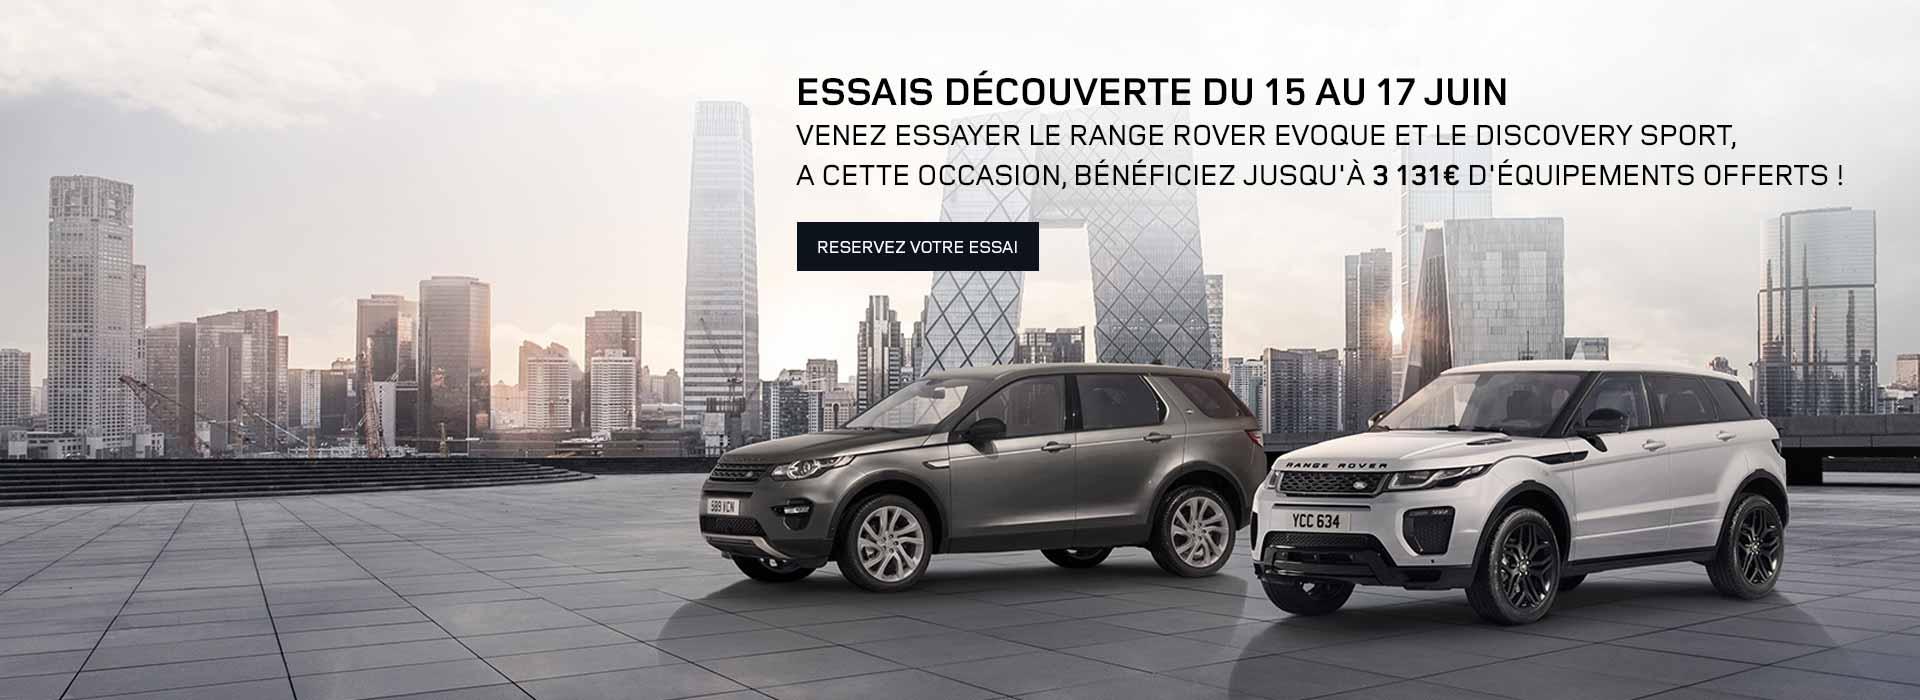 Land rover paris concessionnaire garage seine et for Garage audi mareuil les meaux